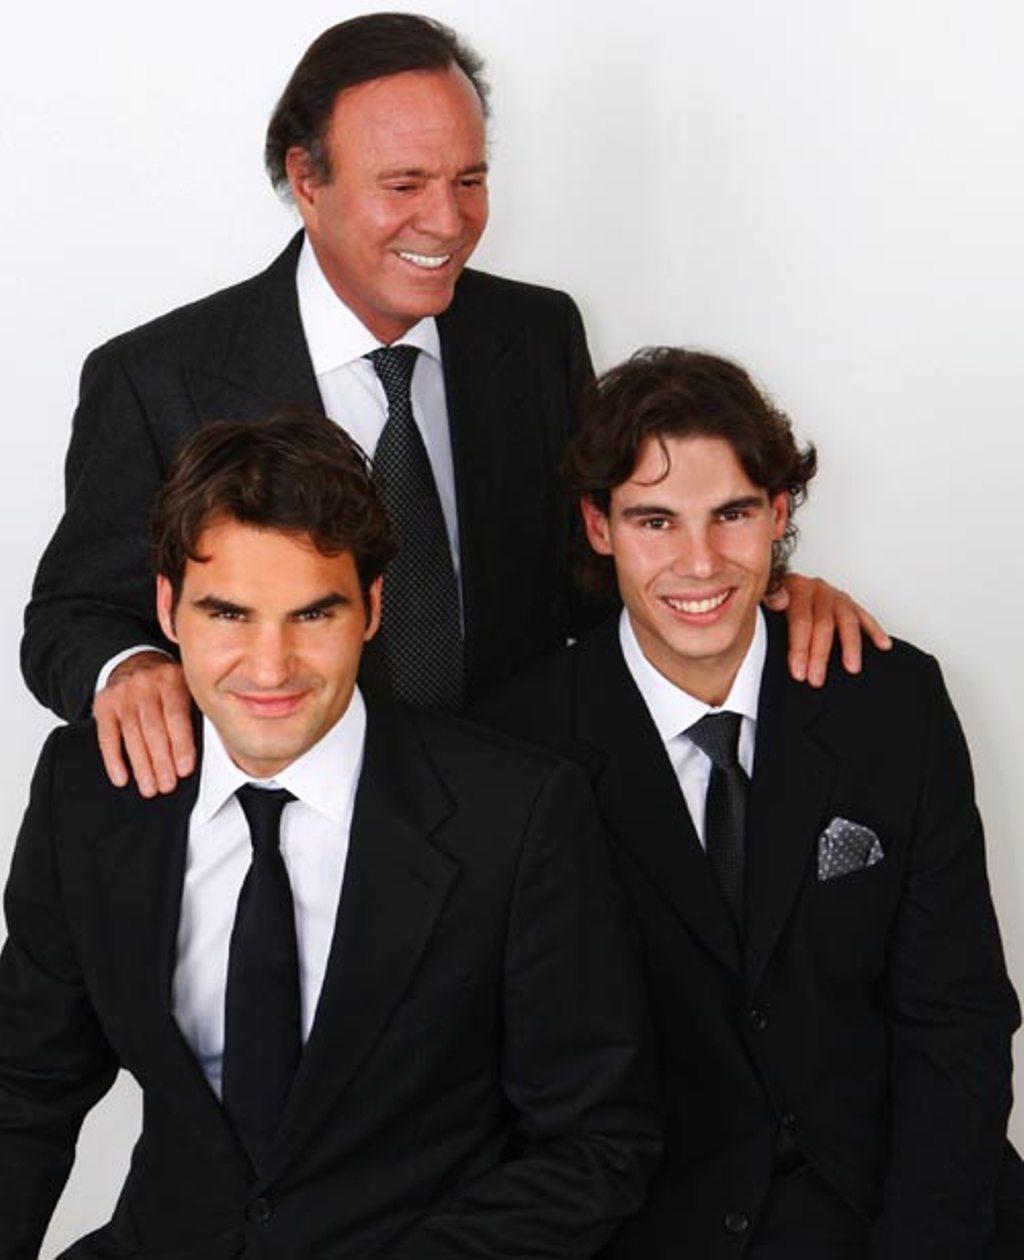 Roger y otras celebridades Julio-Iglesias-in-Madrid-with-Rafa-Nadal-and-Roger-Federer-roger-federer-21595443-1024-1260